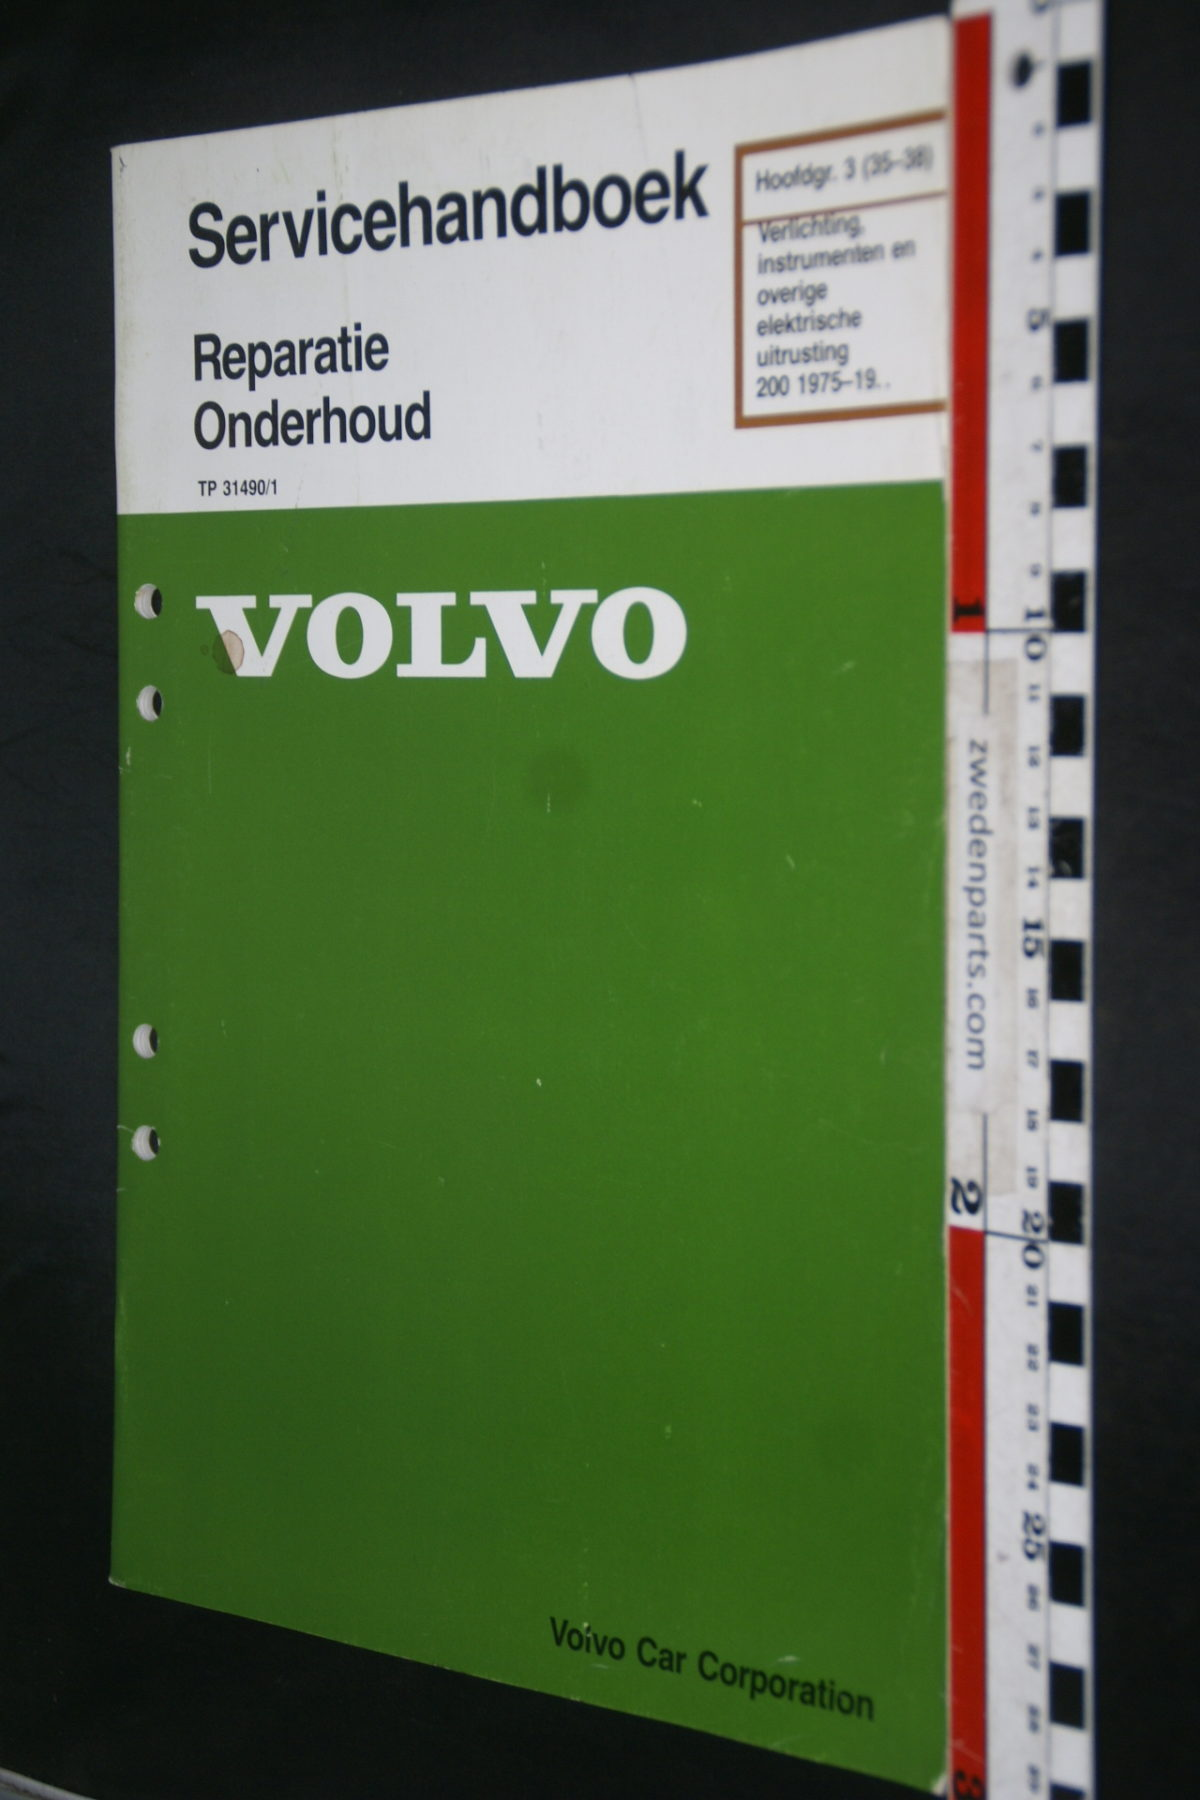 DSC08443 1990 origineel Volvo 200 servicehandboek  3 (35-38) verlichting en instrumenten 1 van 800 TP 31490-1